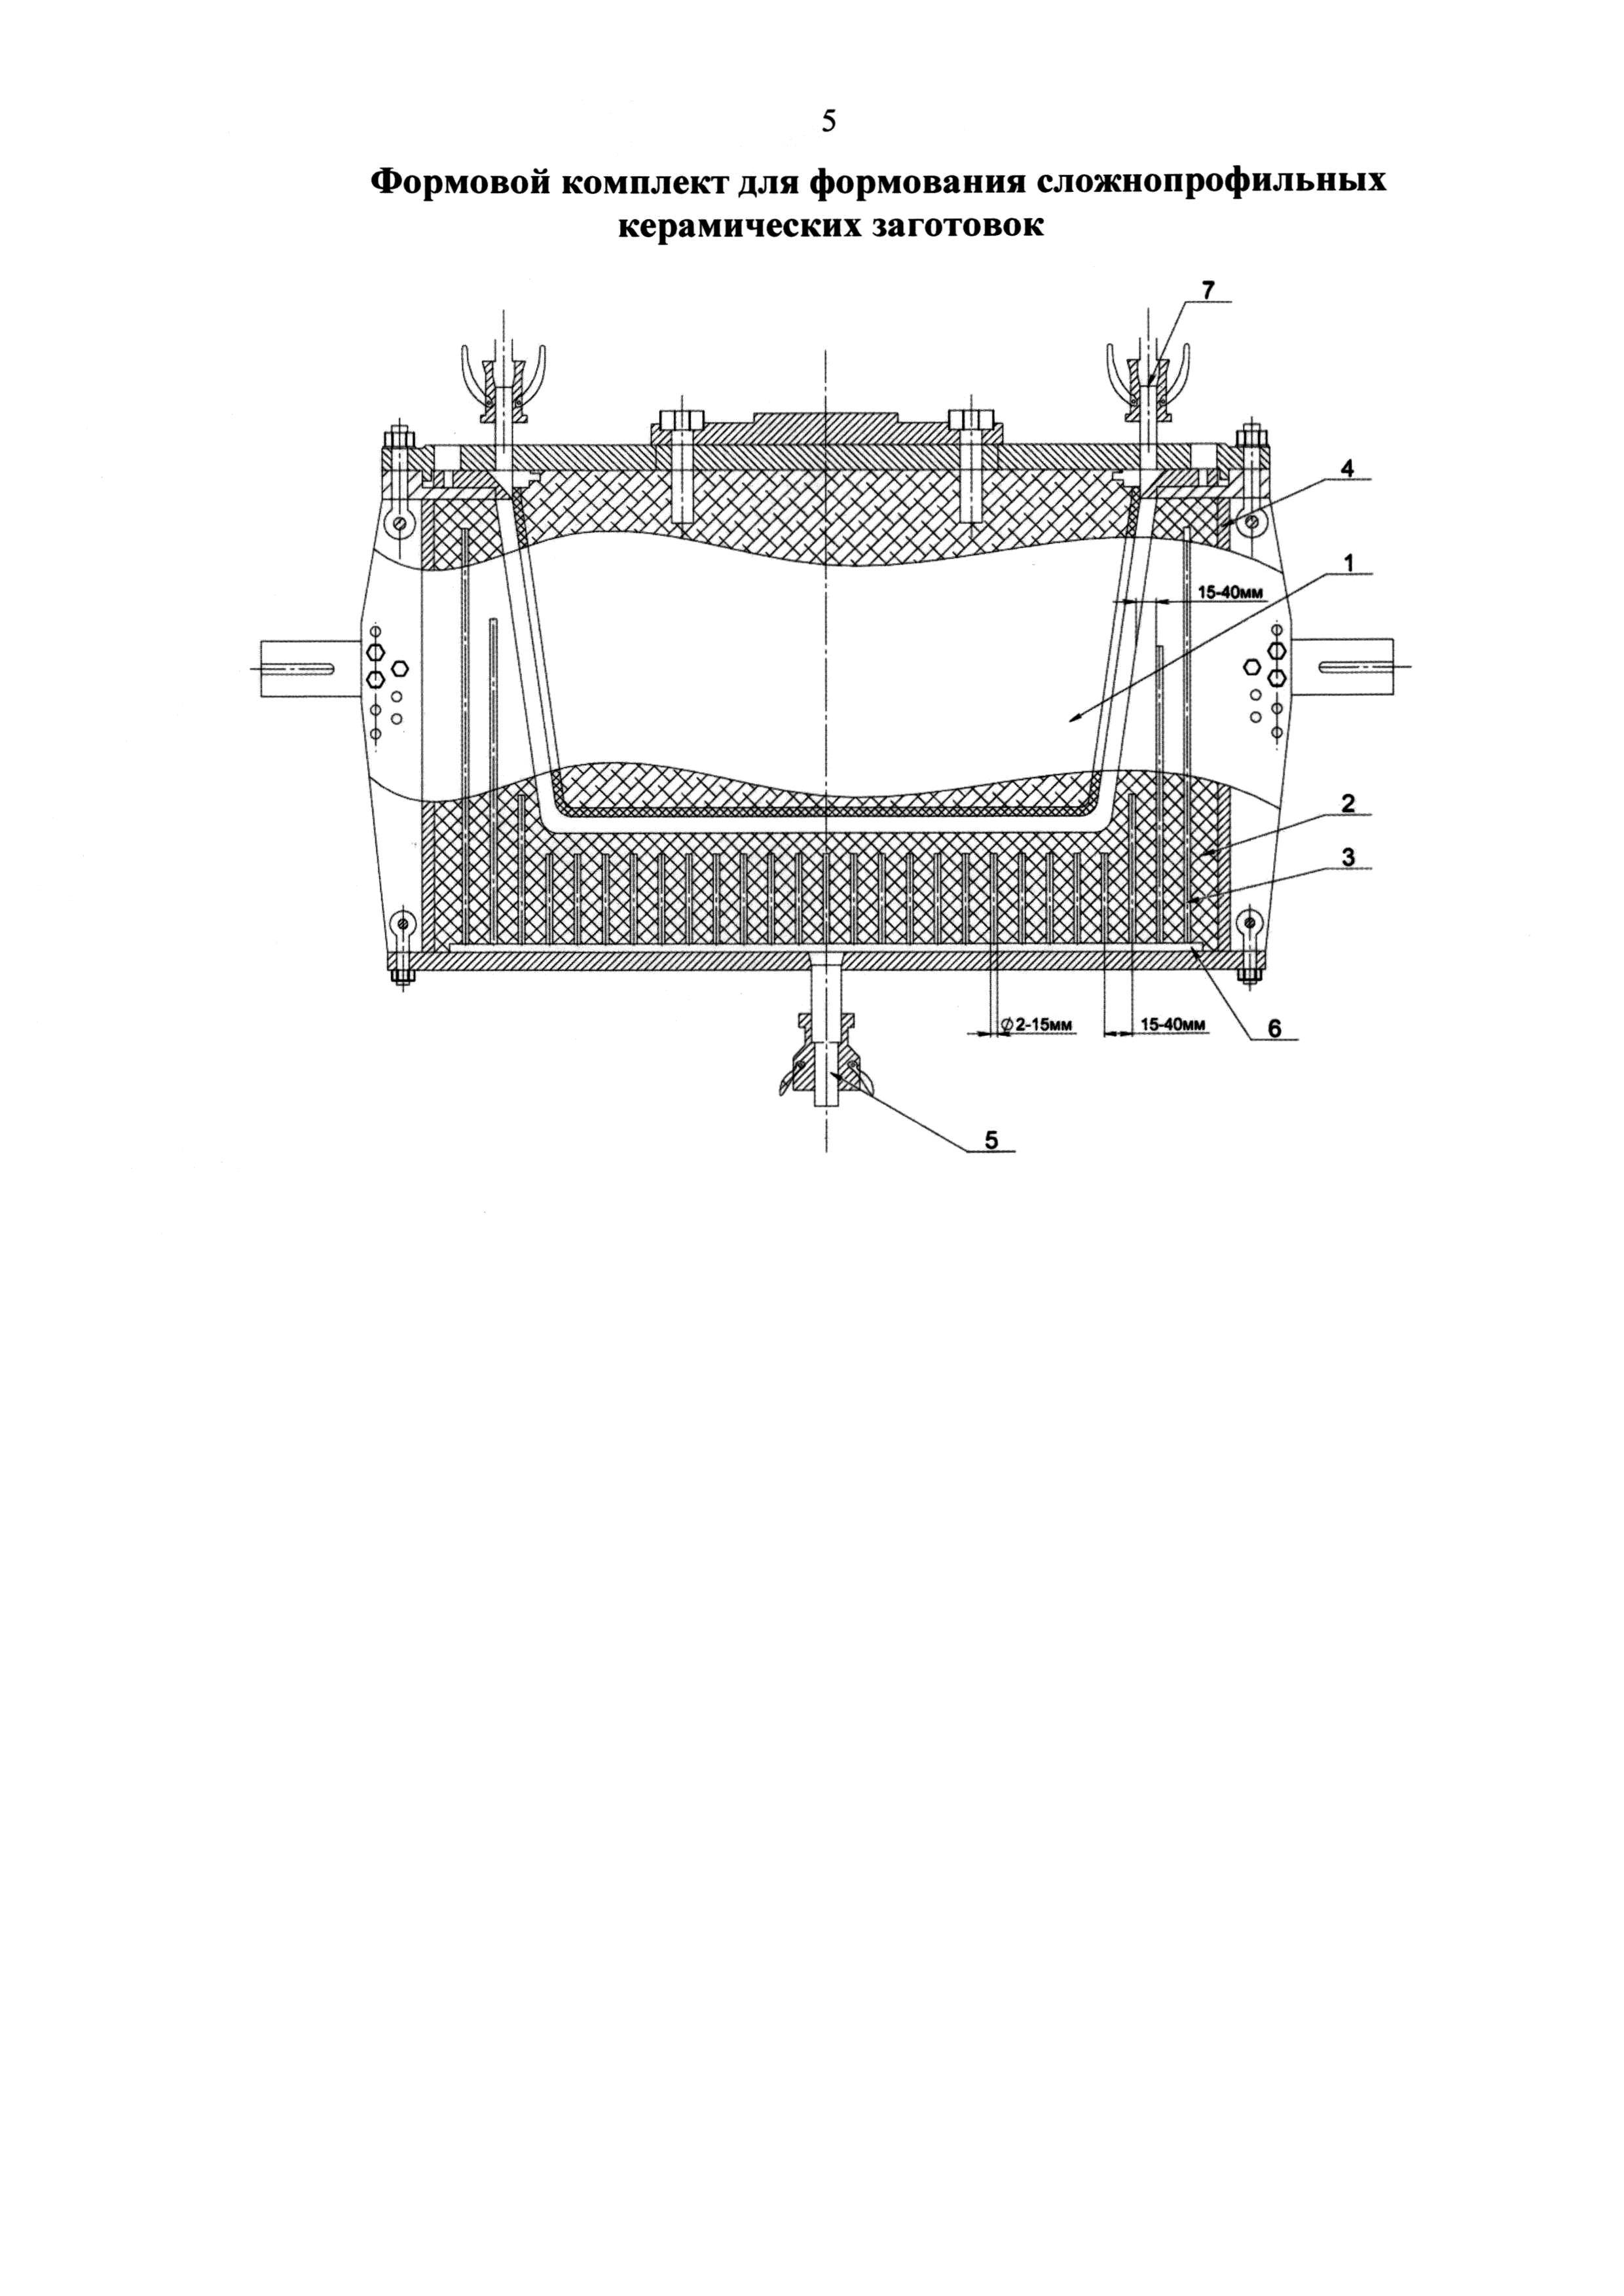 Формовой комплект для формования сложнопрофильных керамических заготовок